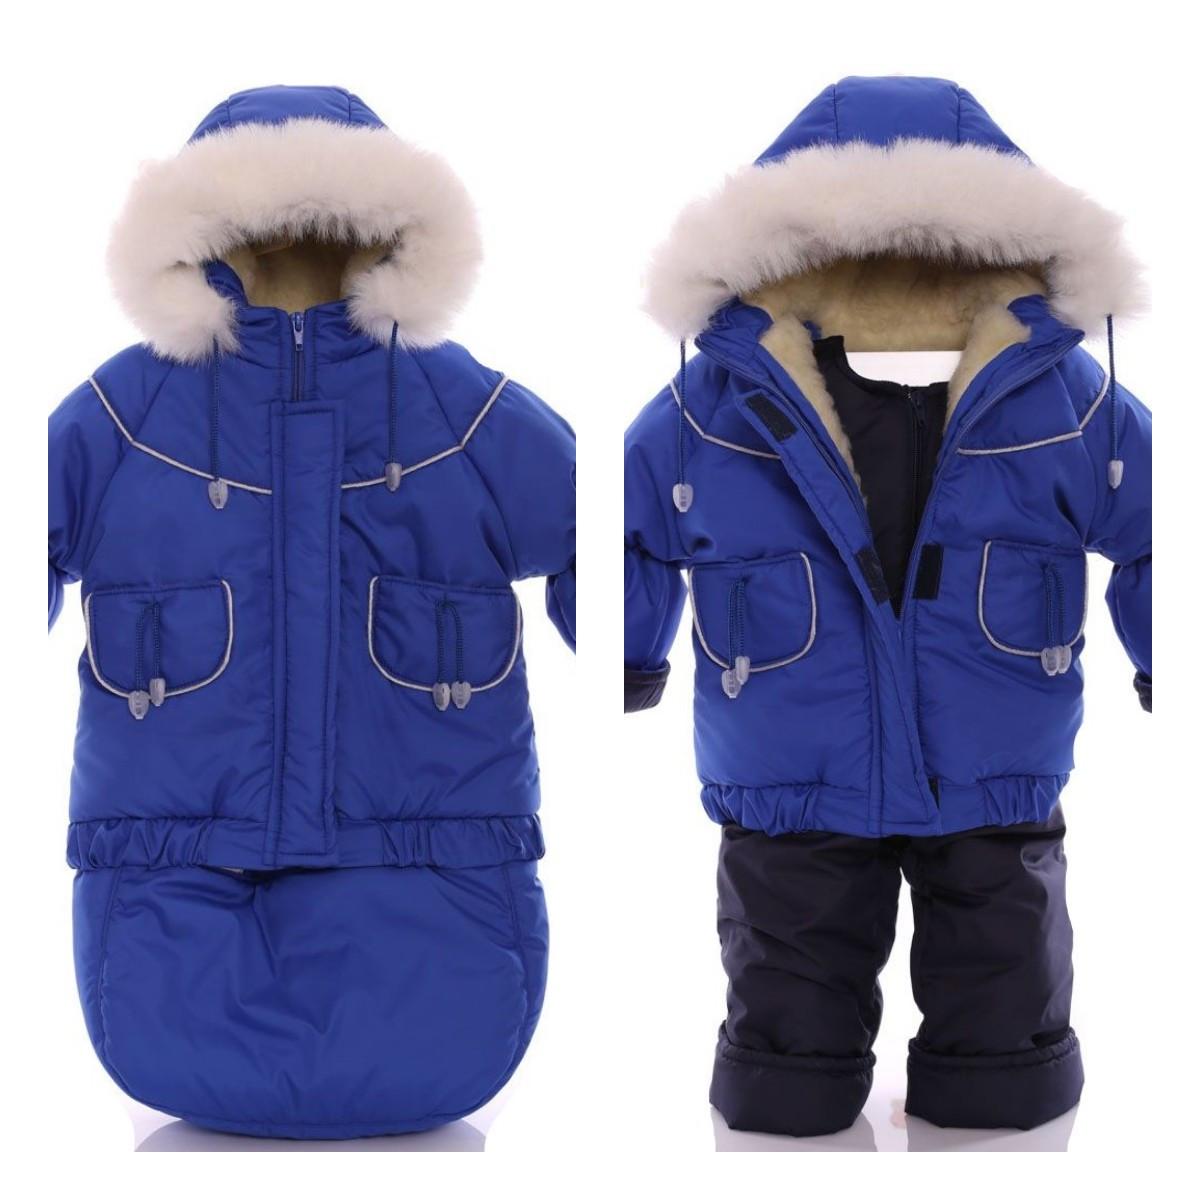 Детский костюм-тройка (конверт+курточка+полукомбинезон) синий